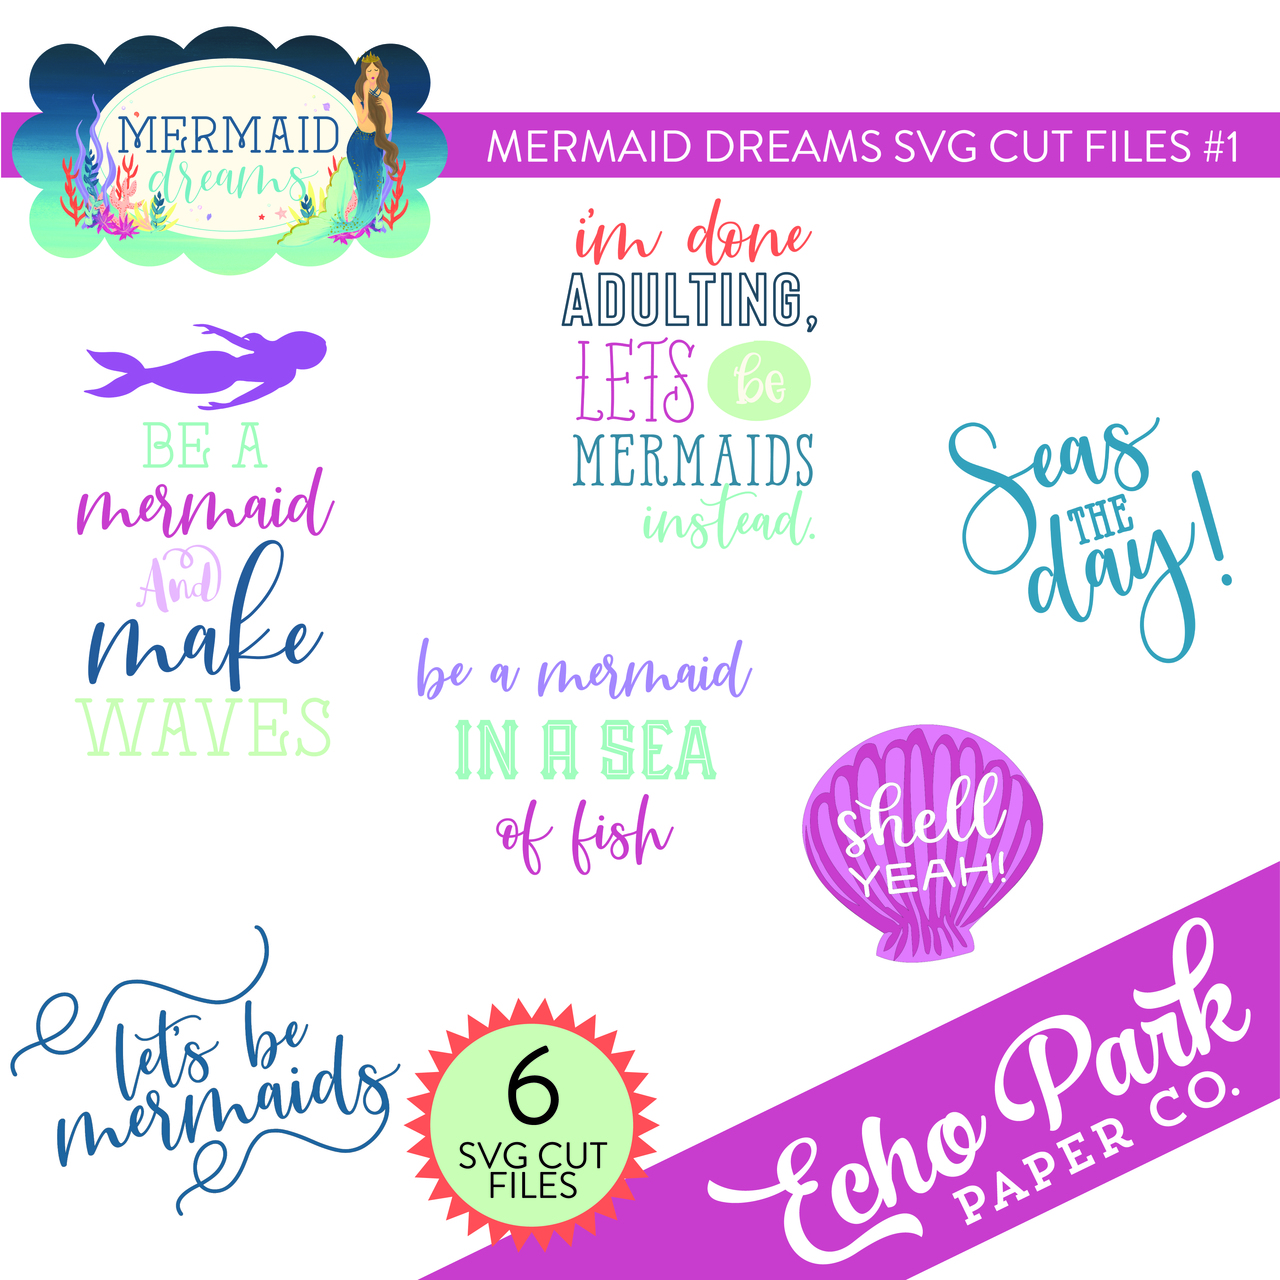 Mermaid Dreams SVG Cut Files #1